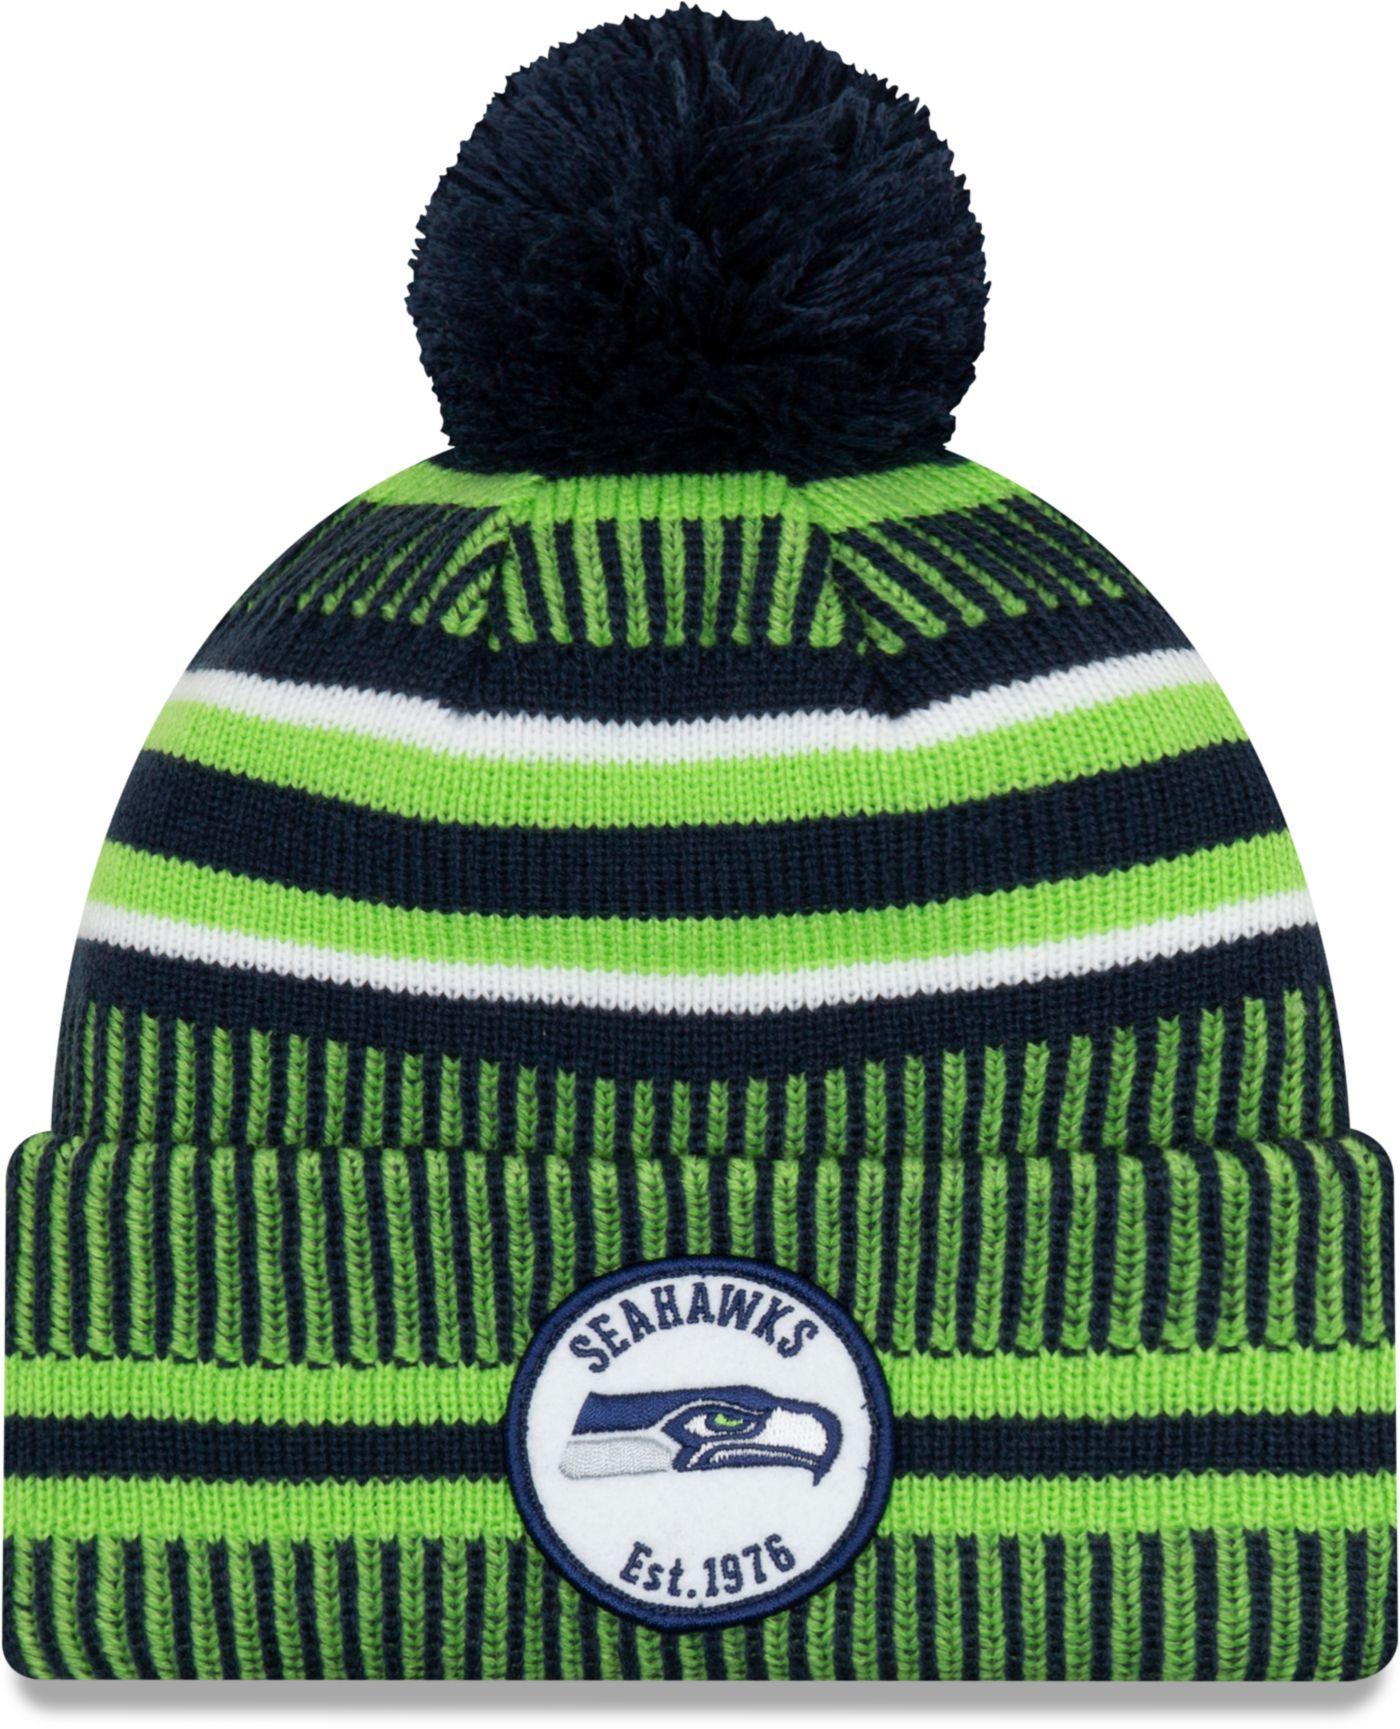 New Era Men's Seattle Seahawks Sideline Home Sport Pom Knit